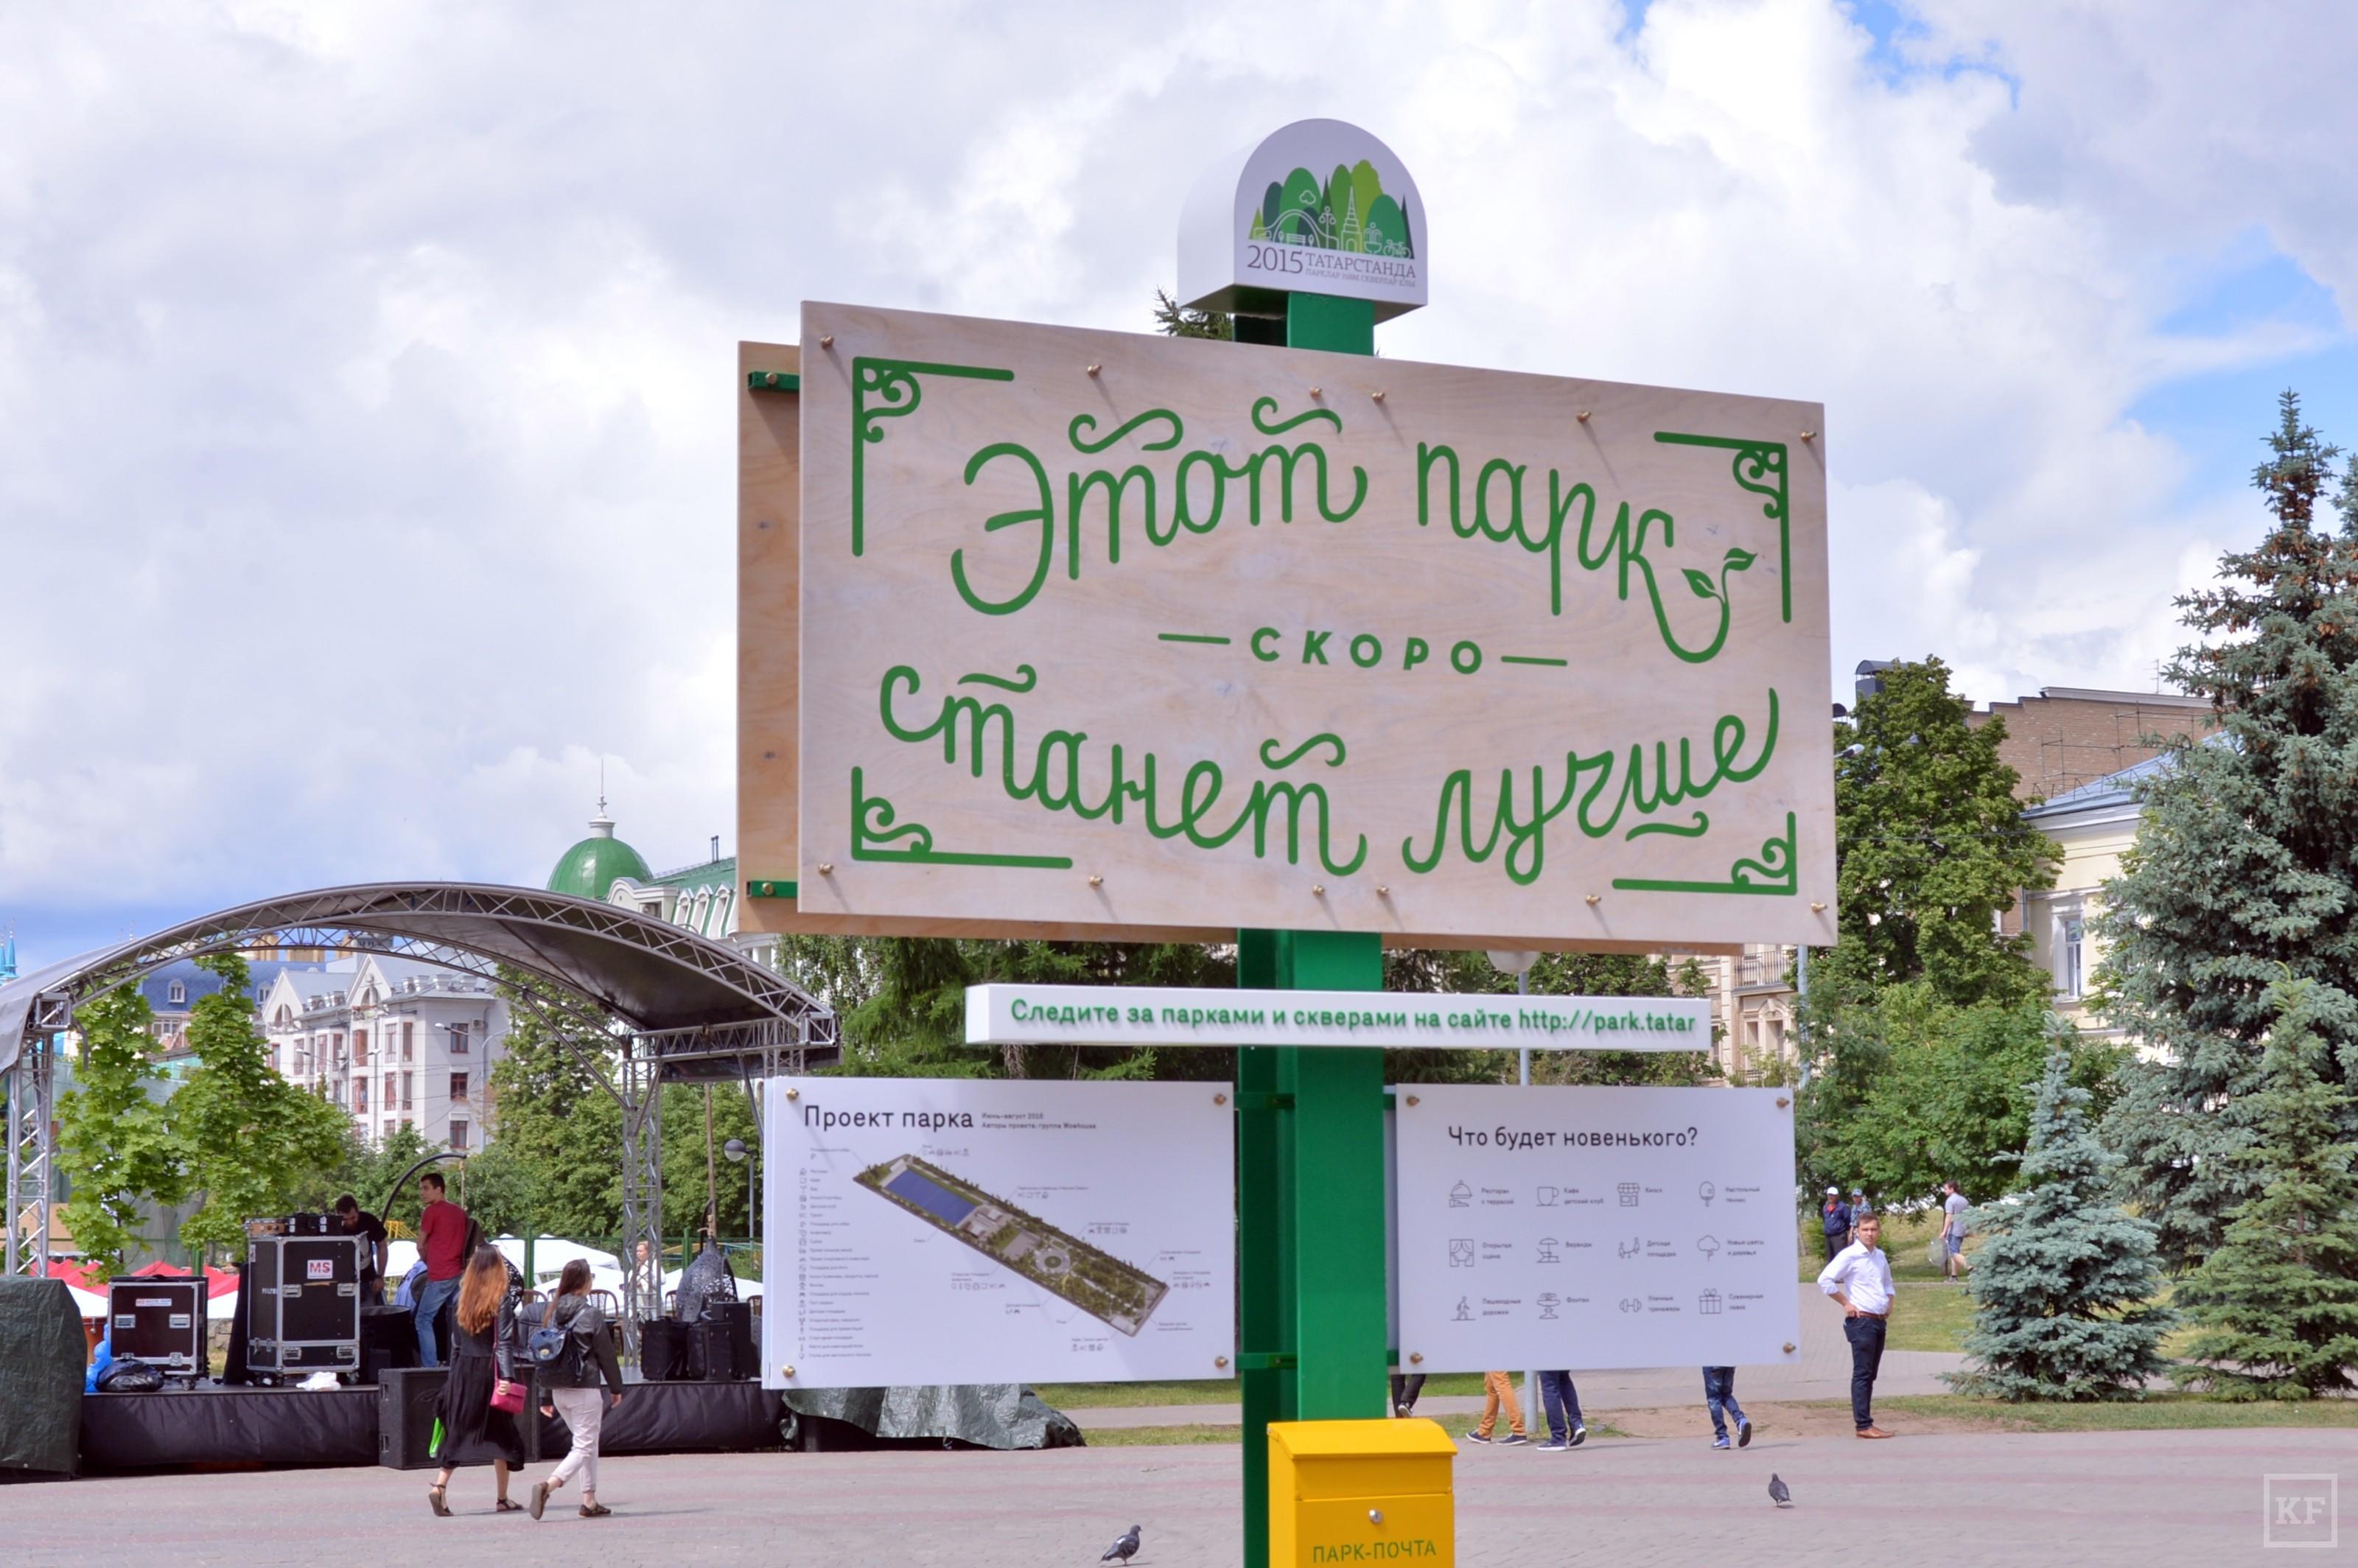 Около трети жителей Татарстана не заметили никаких изменений в парках и скверах